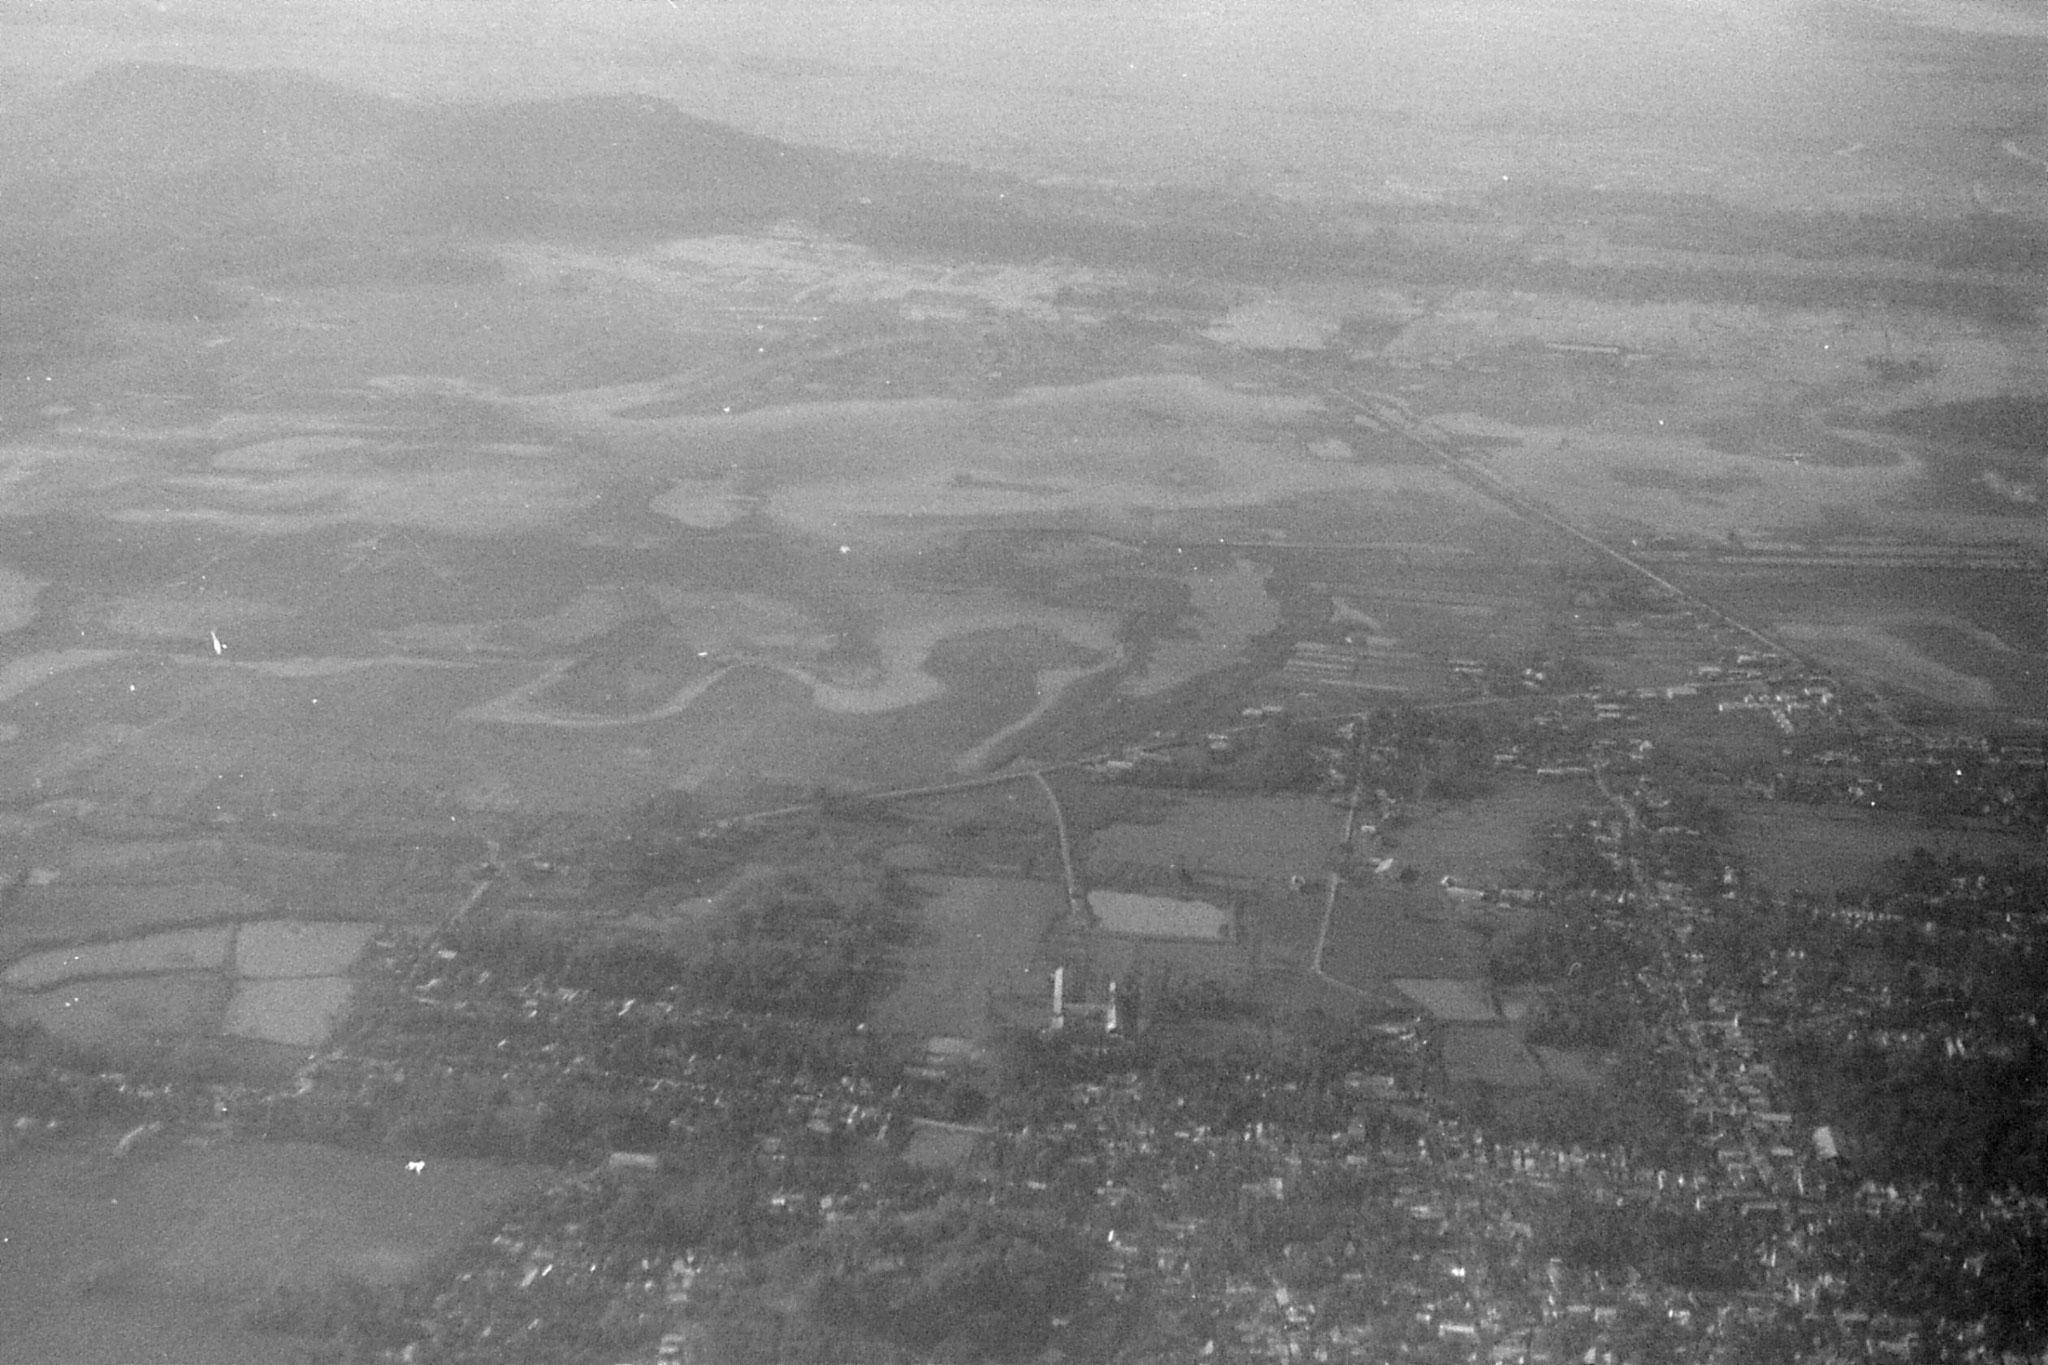 19/4/1990: 21: over Assam